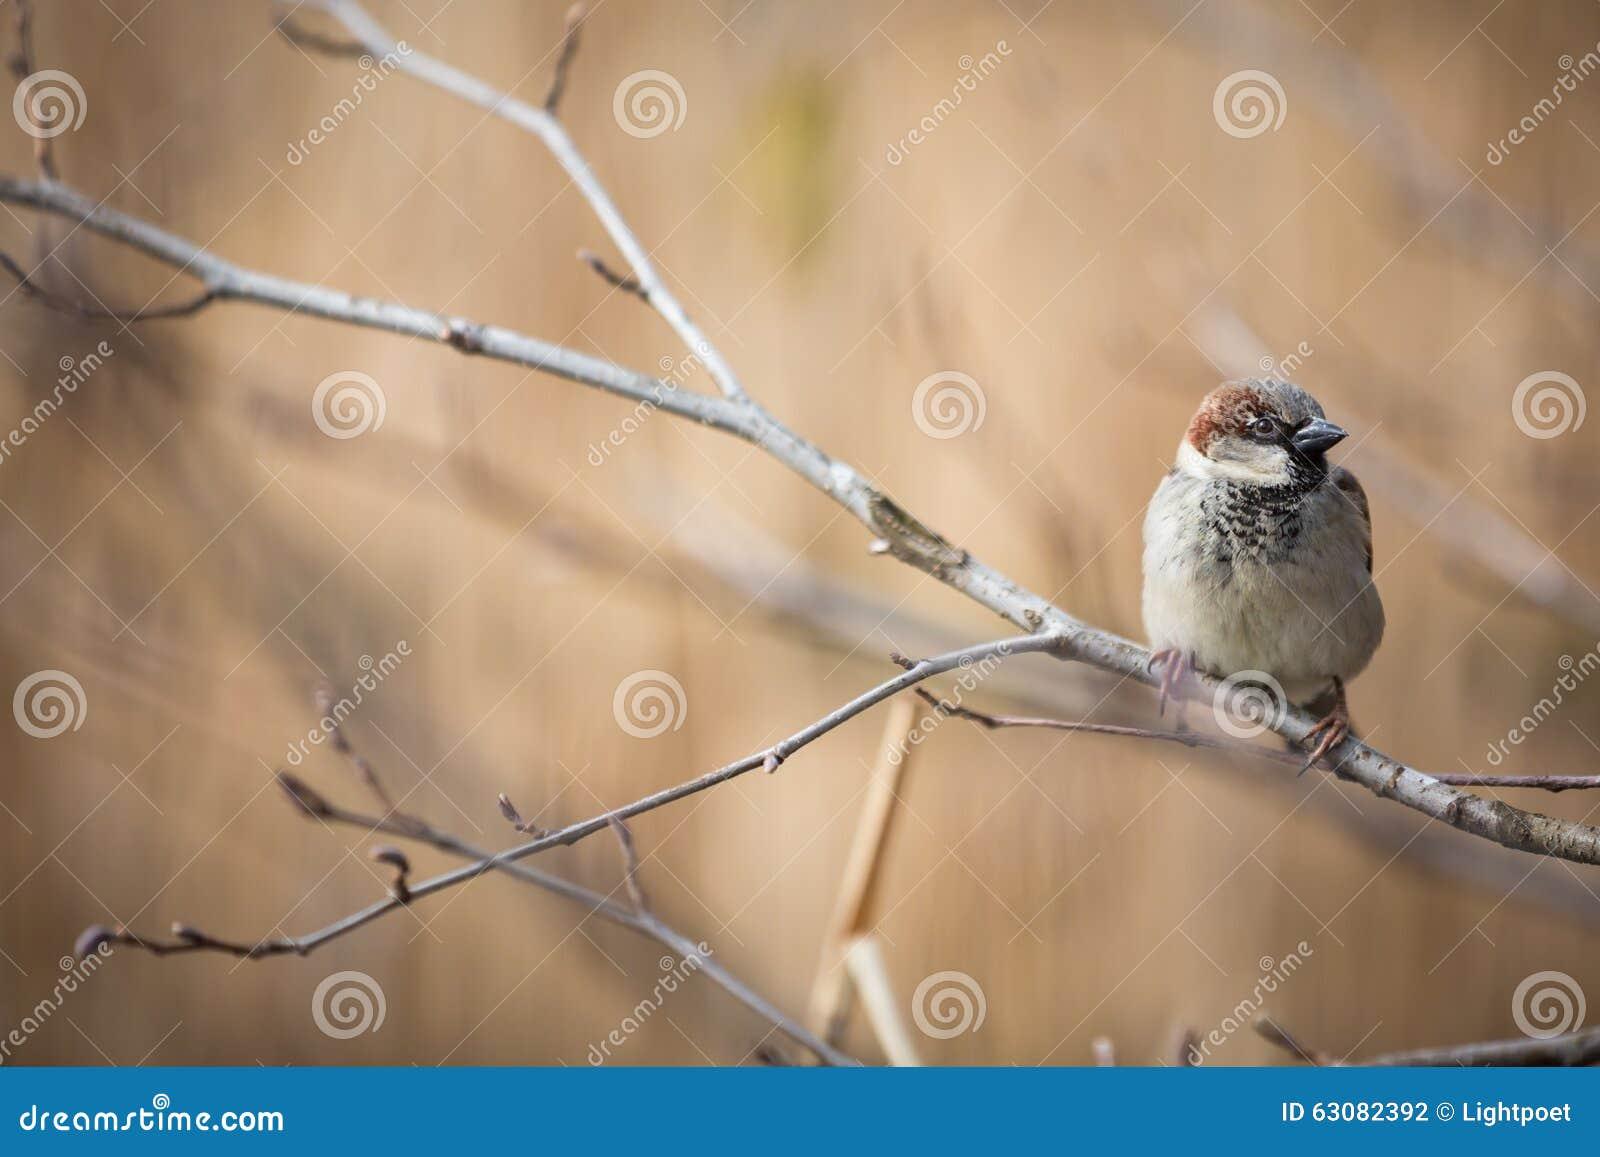 Download Moineau de Chambre photo stock. Image du ornithologie - 63082392